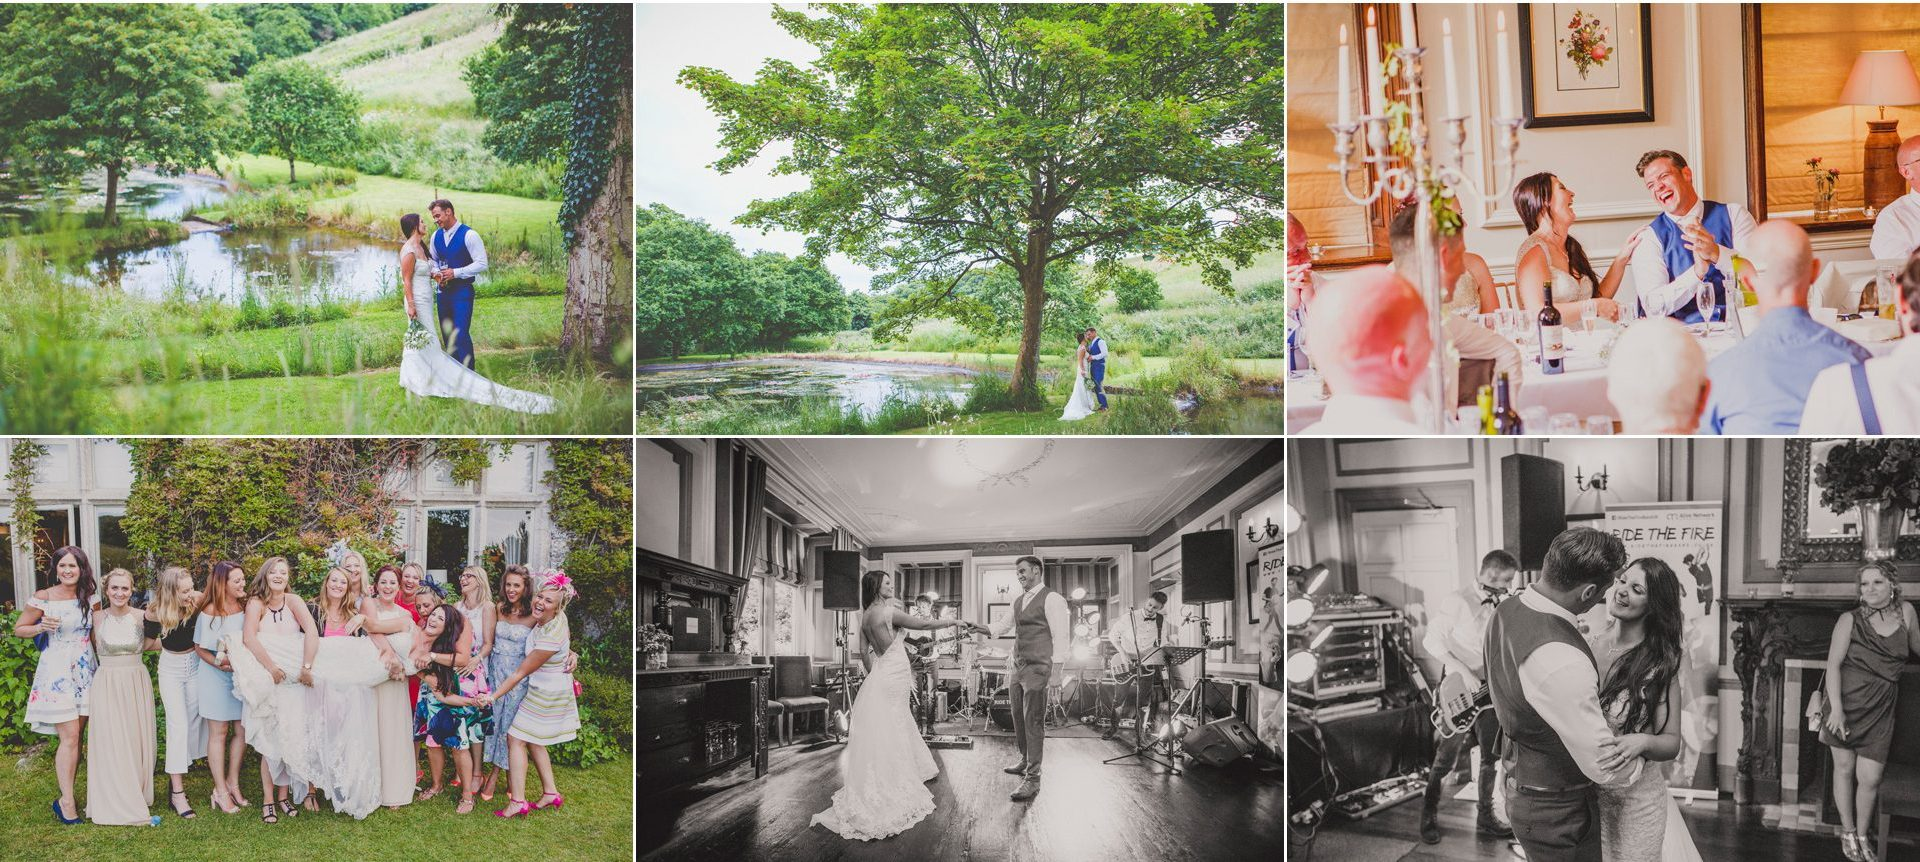 Wedding Photographer Devon - Langdon Court